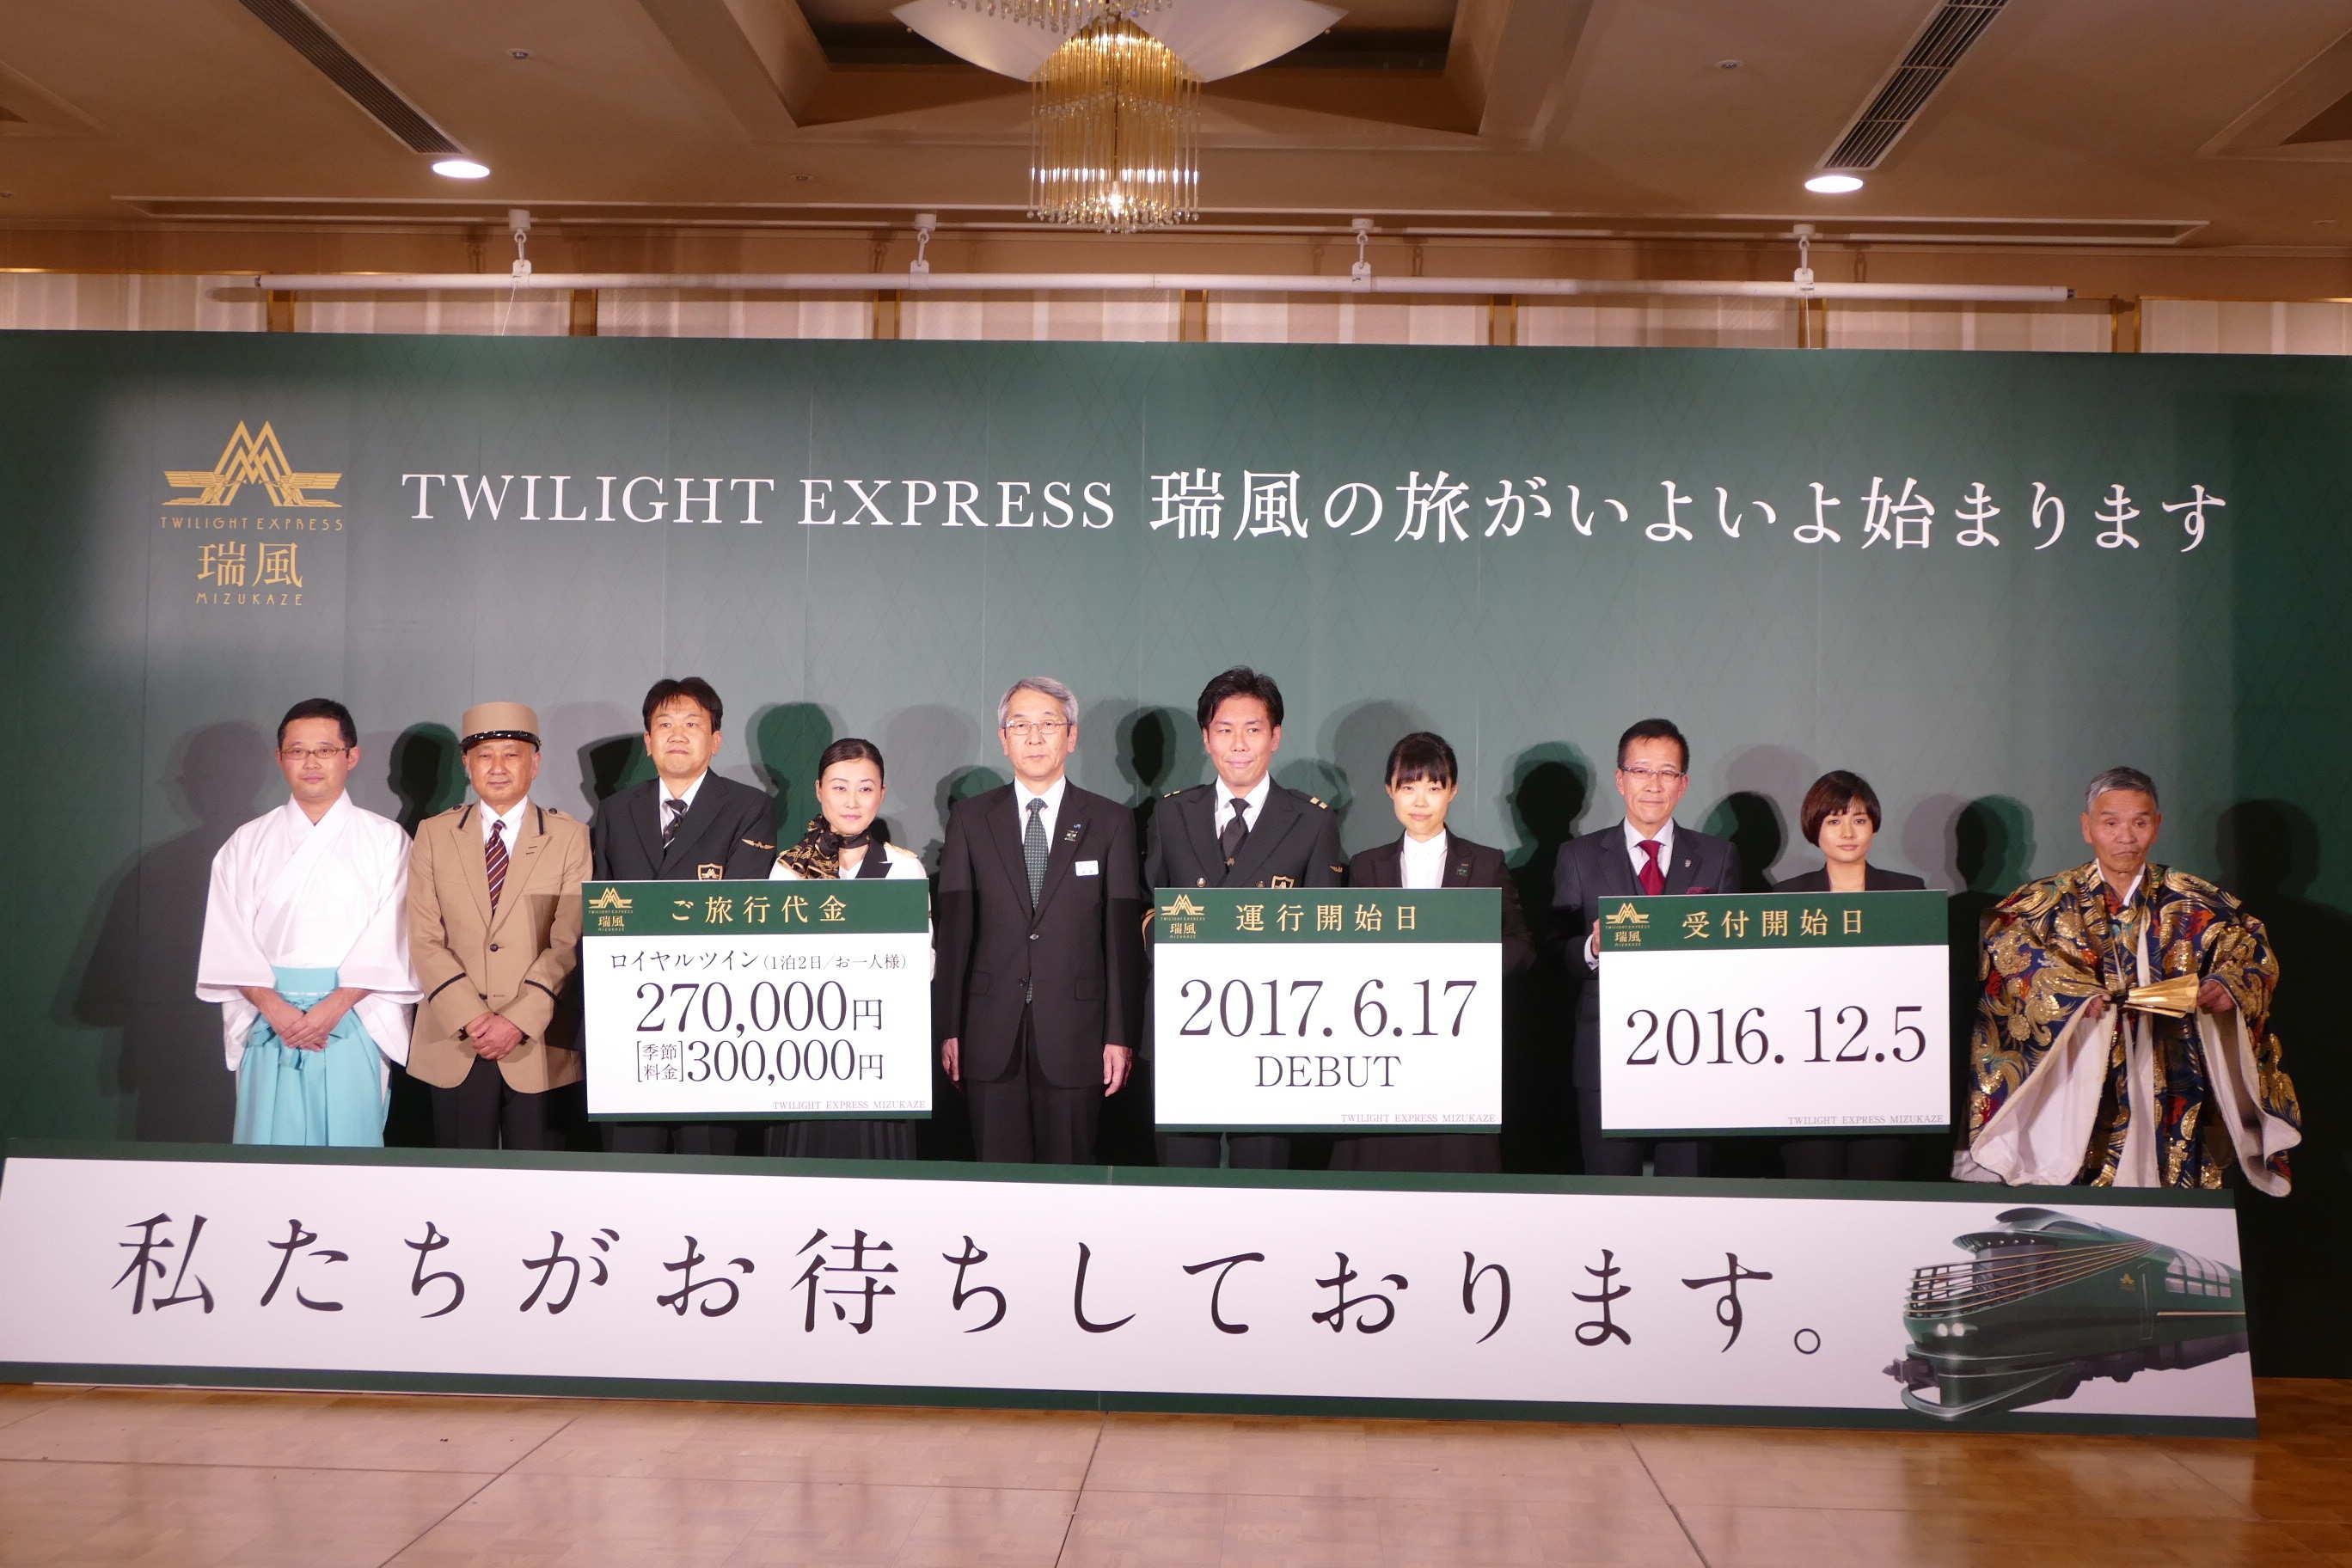 来島達夫JR西日本社長と地元でおもてなしを担当する観光関係者ら